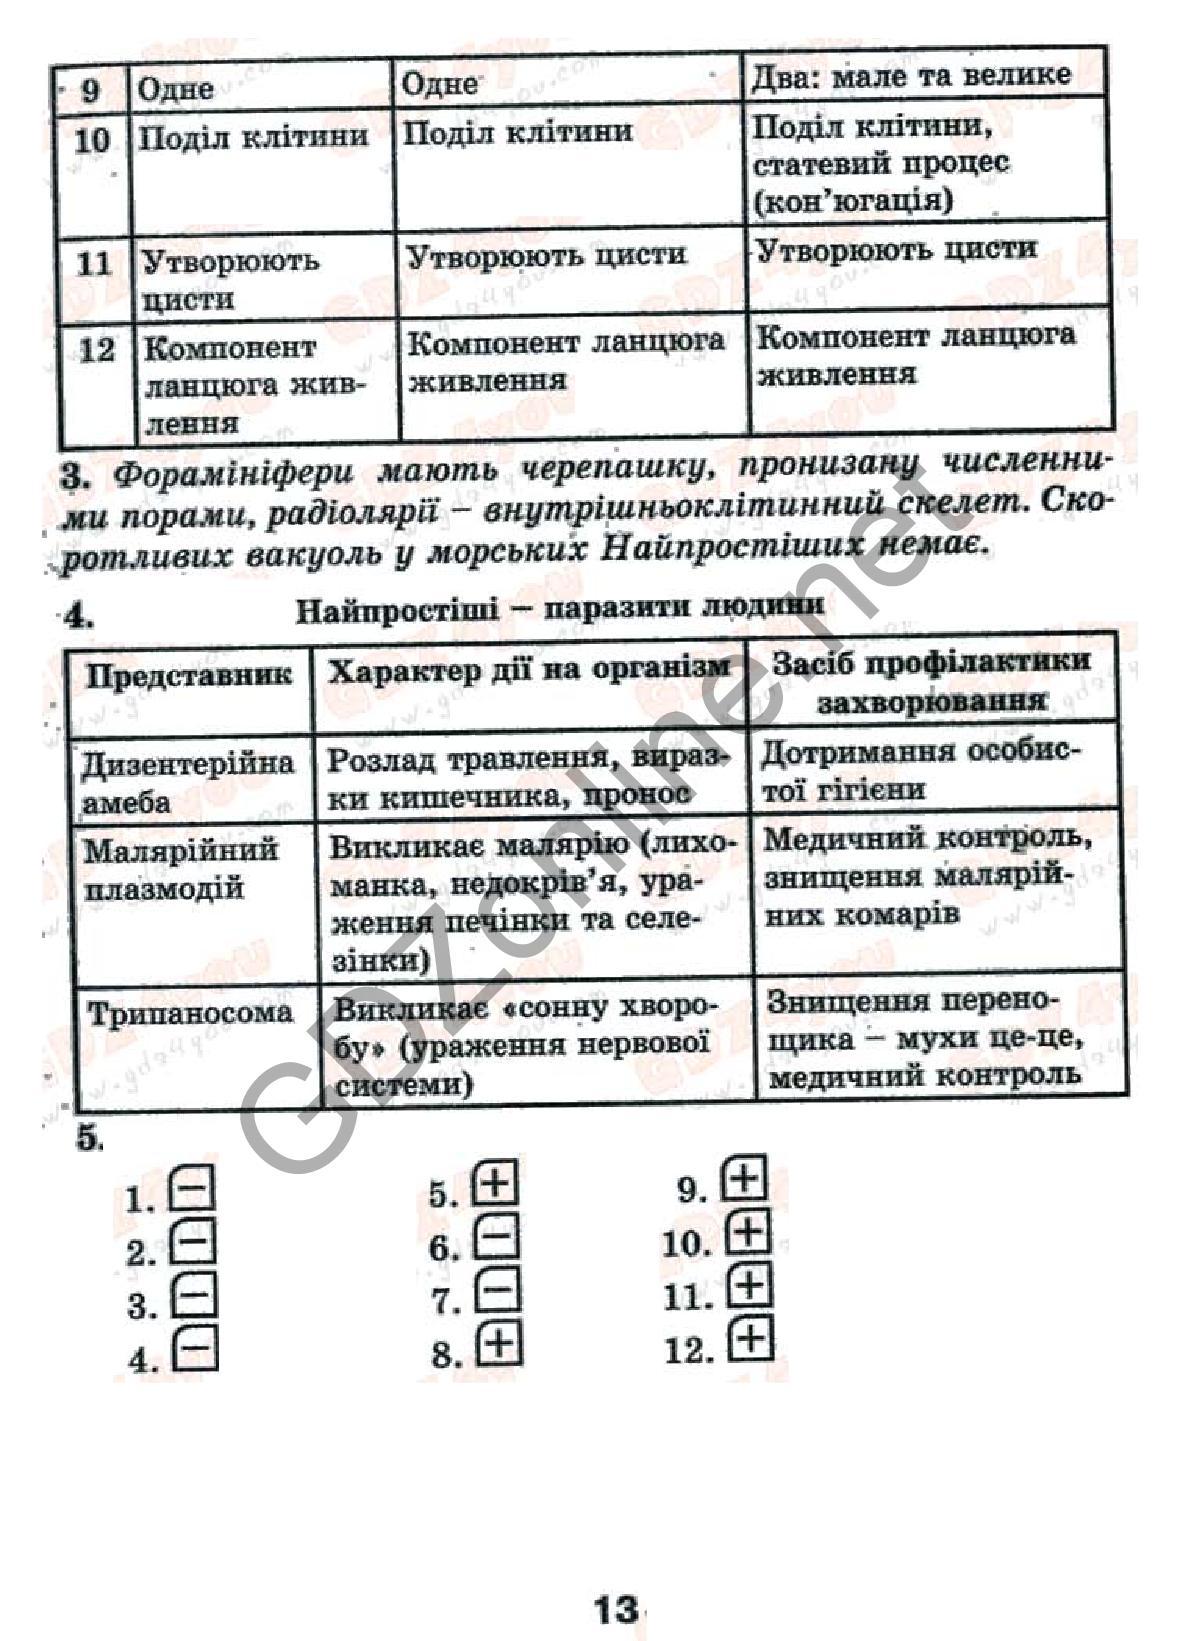 Гдз по лабораторным работам по биологии 10-11 класс